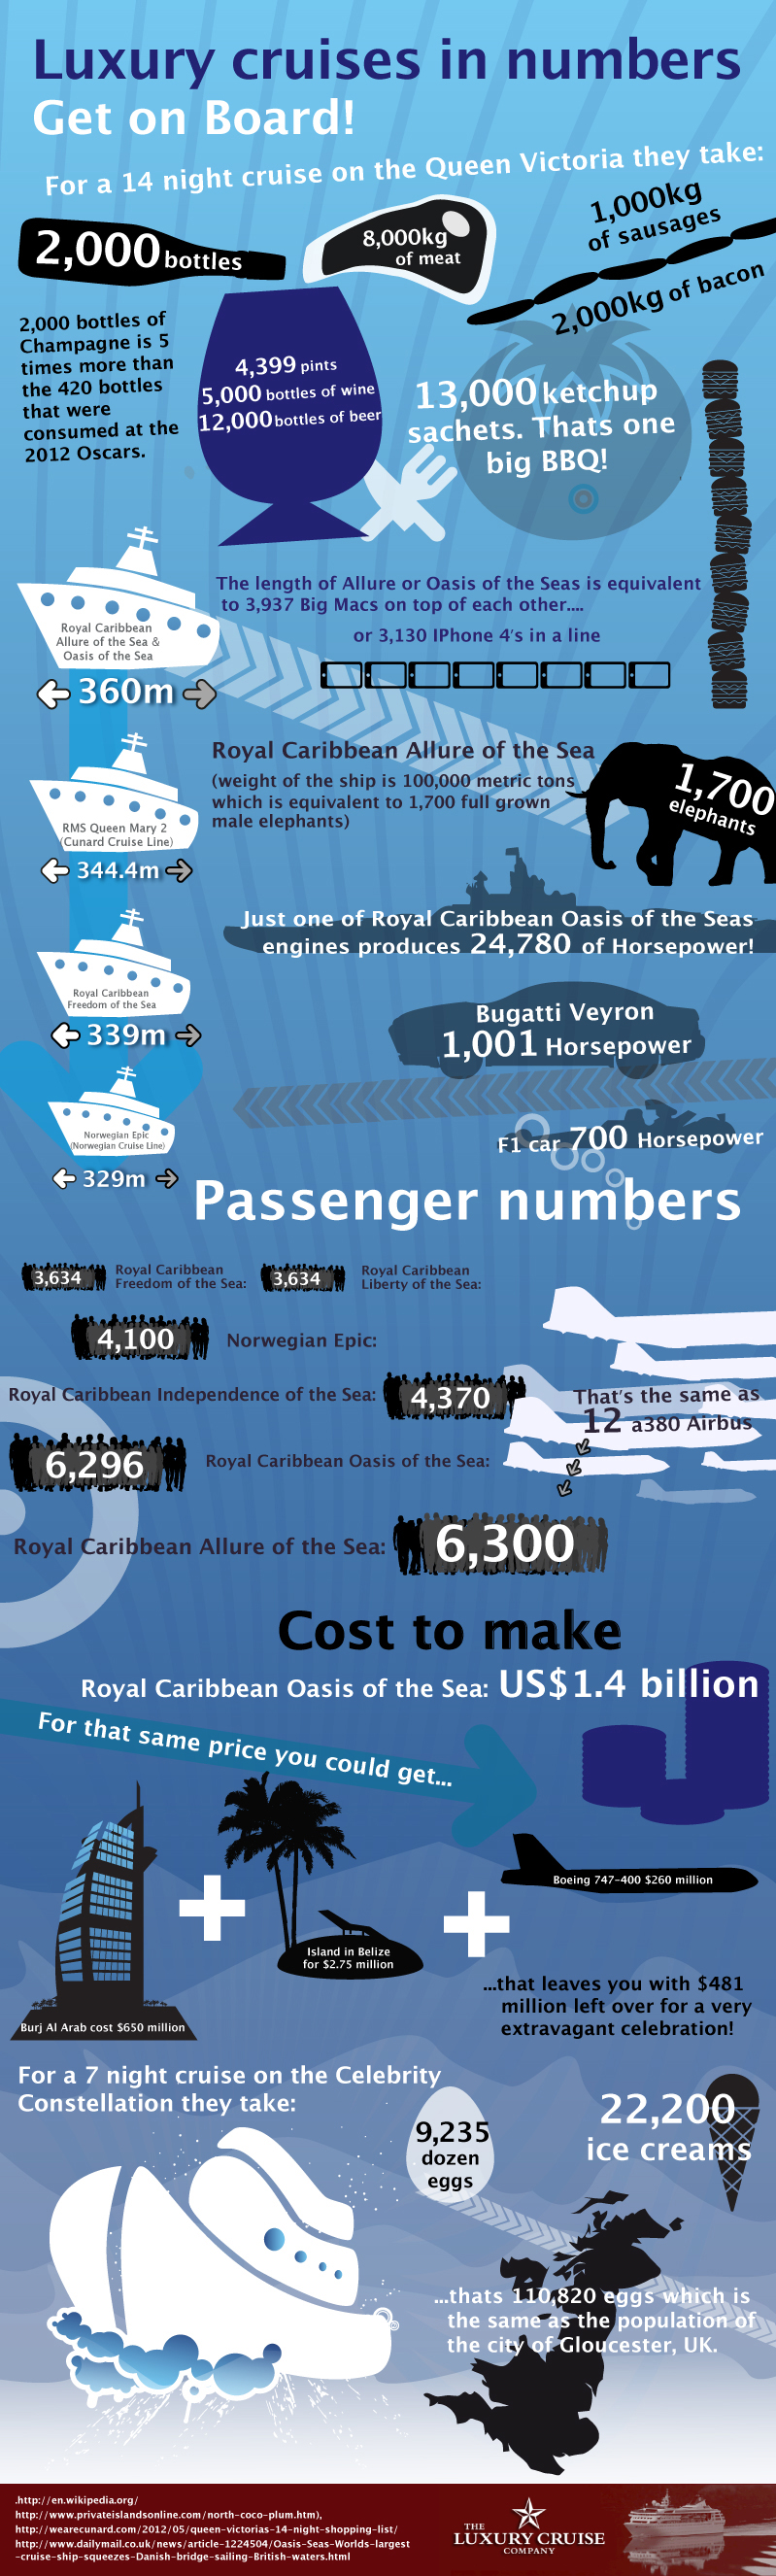 Luxury cruises Infographic